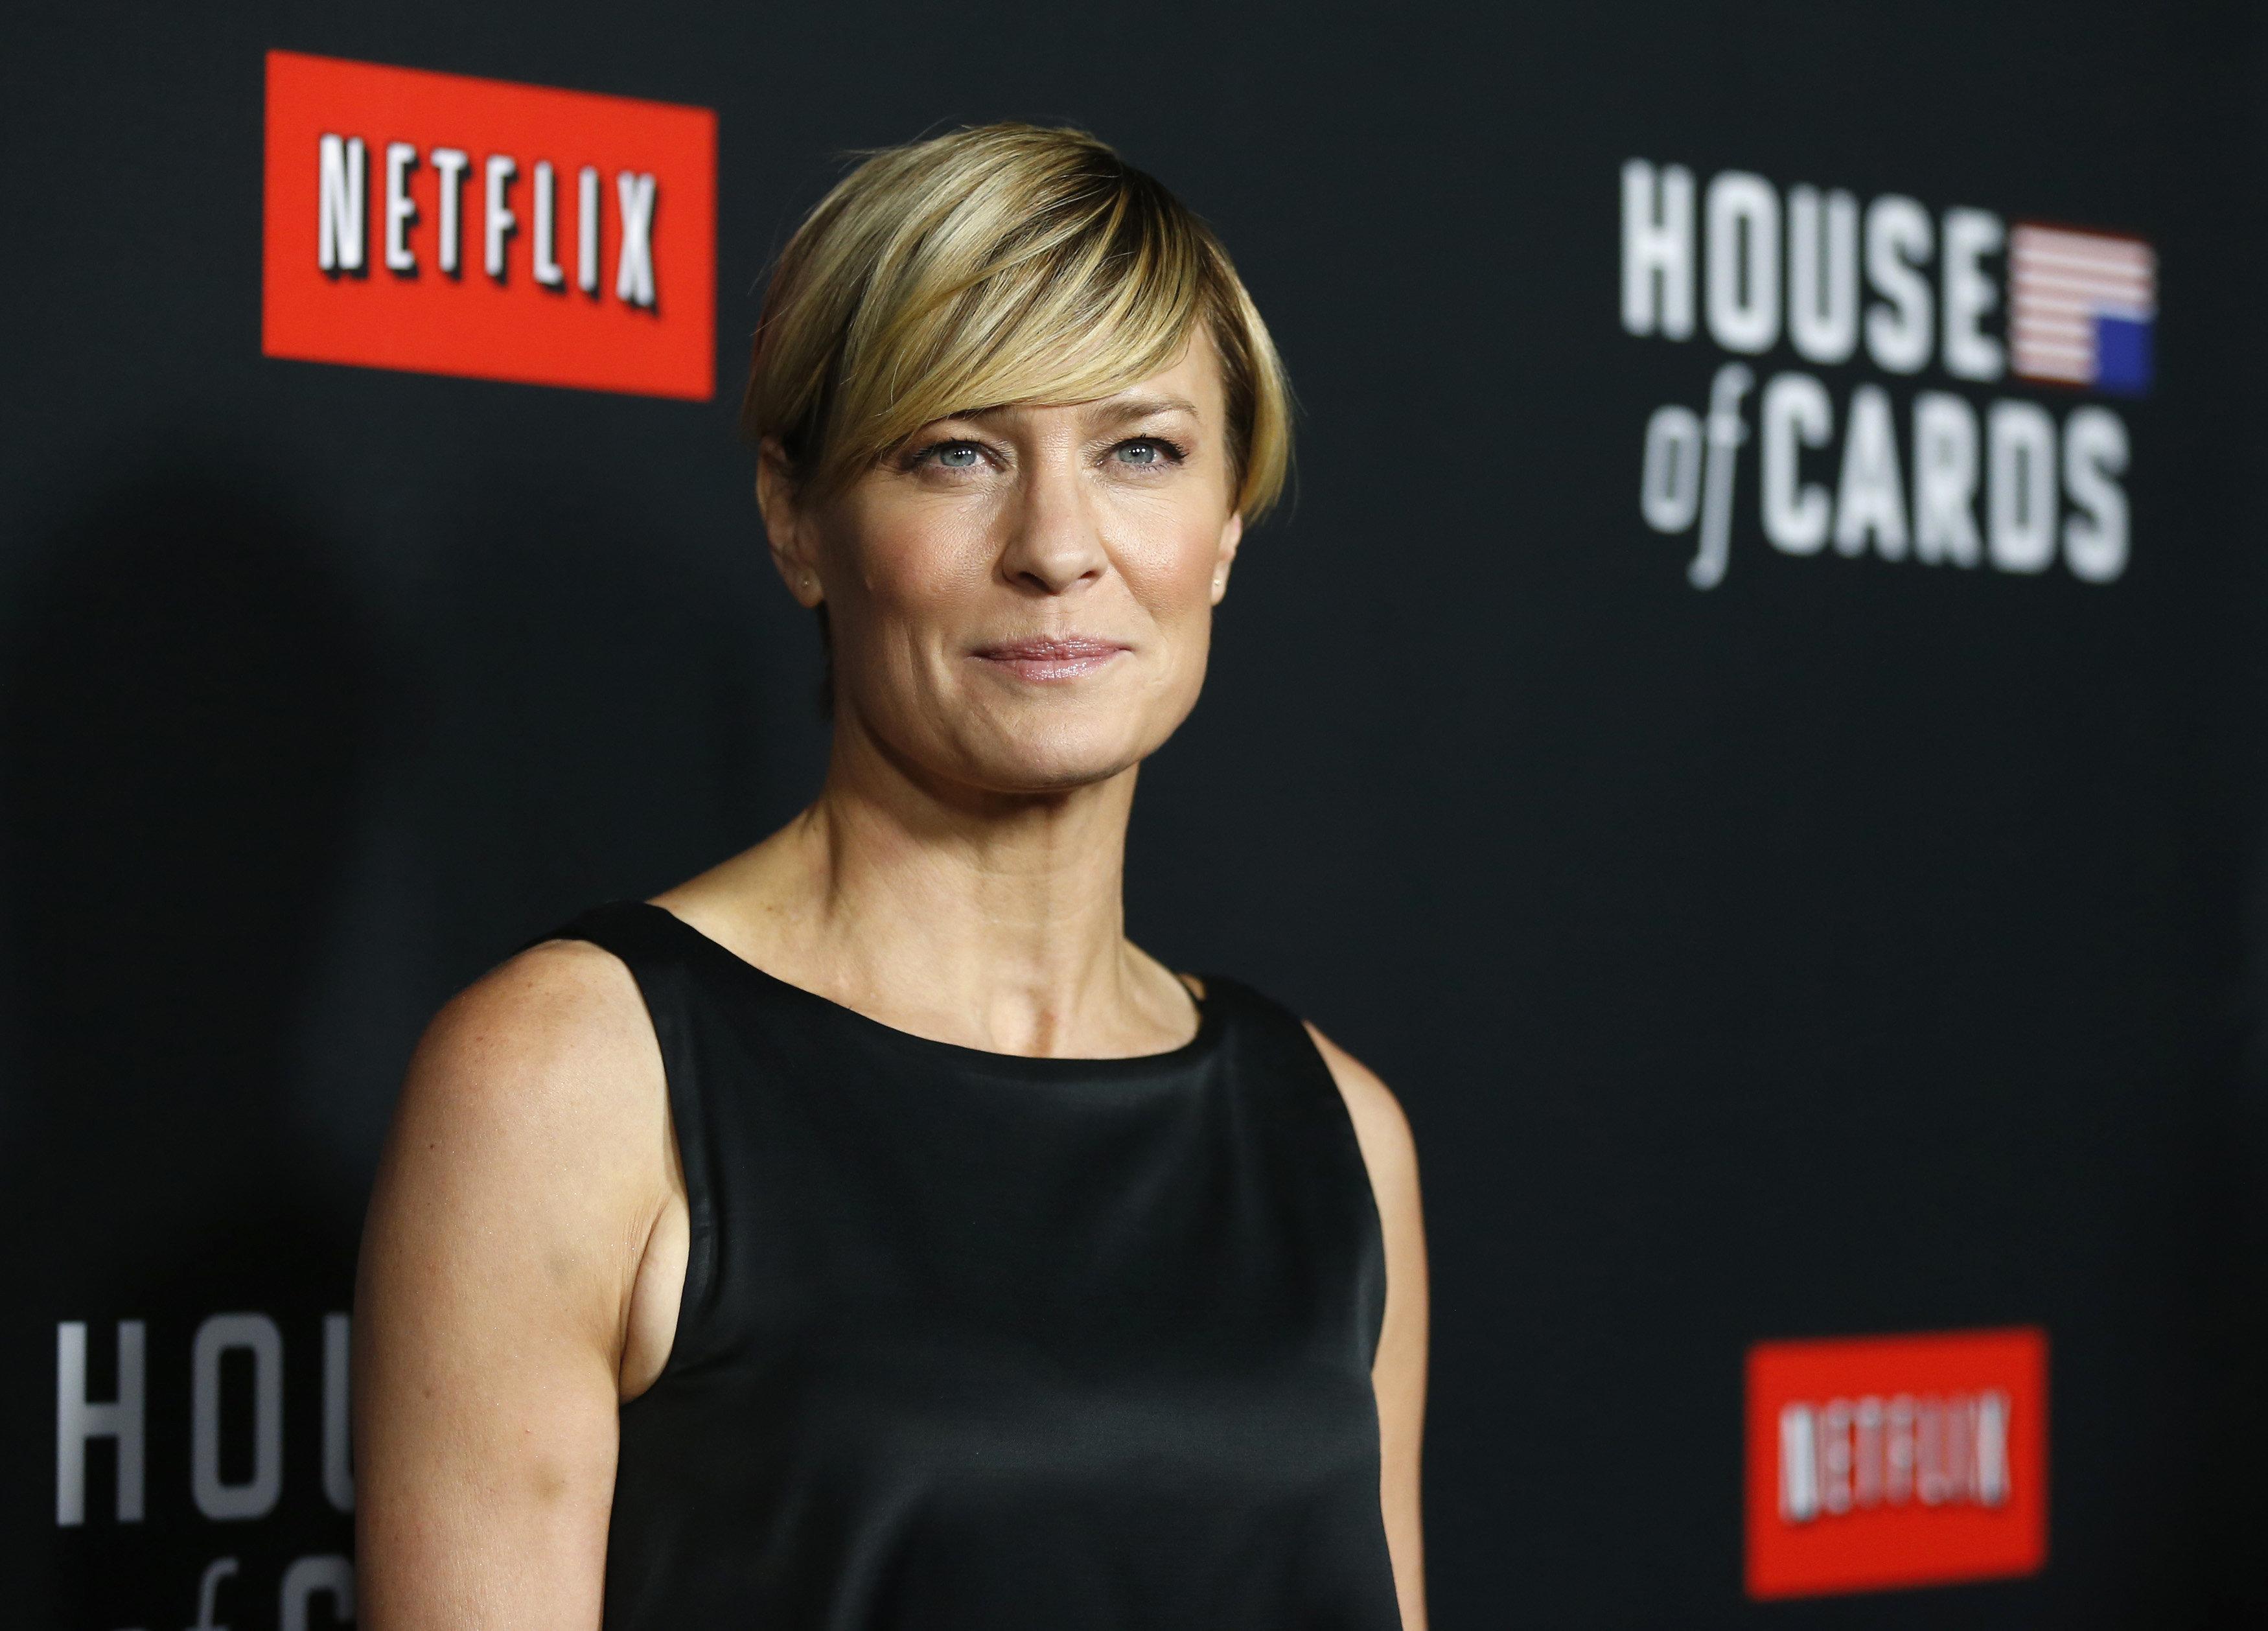 Κυκλοφόρησε το πρώτο τρέιλερ της νέας σεζόν του «House of Cards» χωρίς τον Kevin Spacey